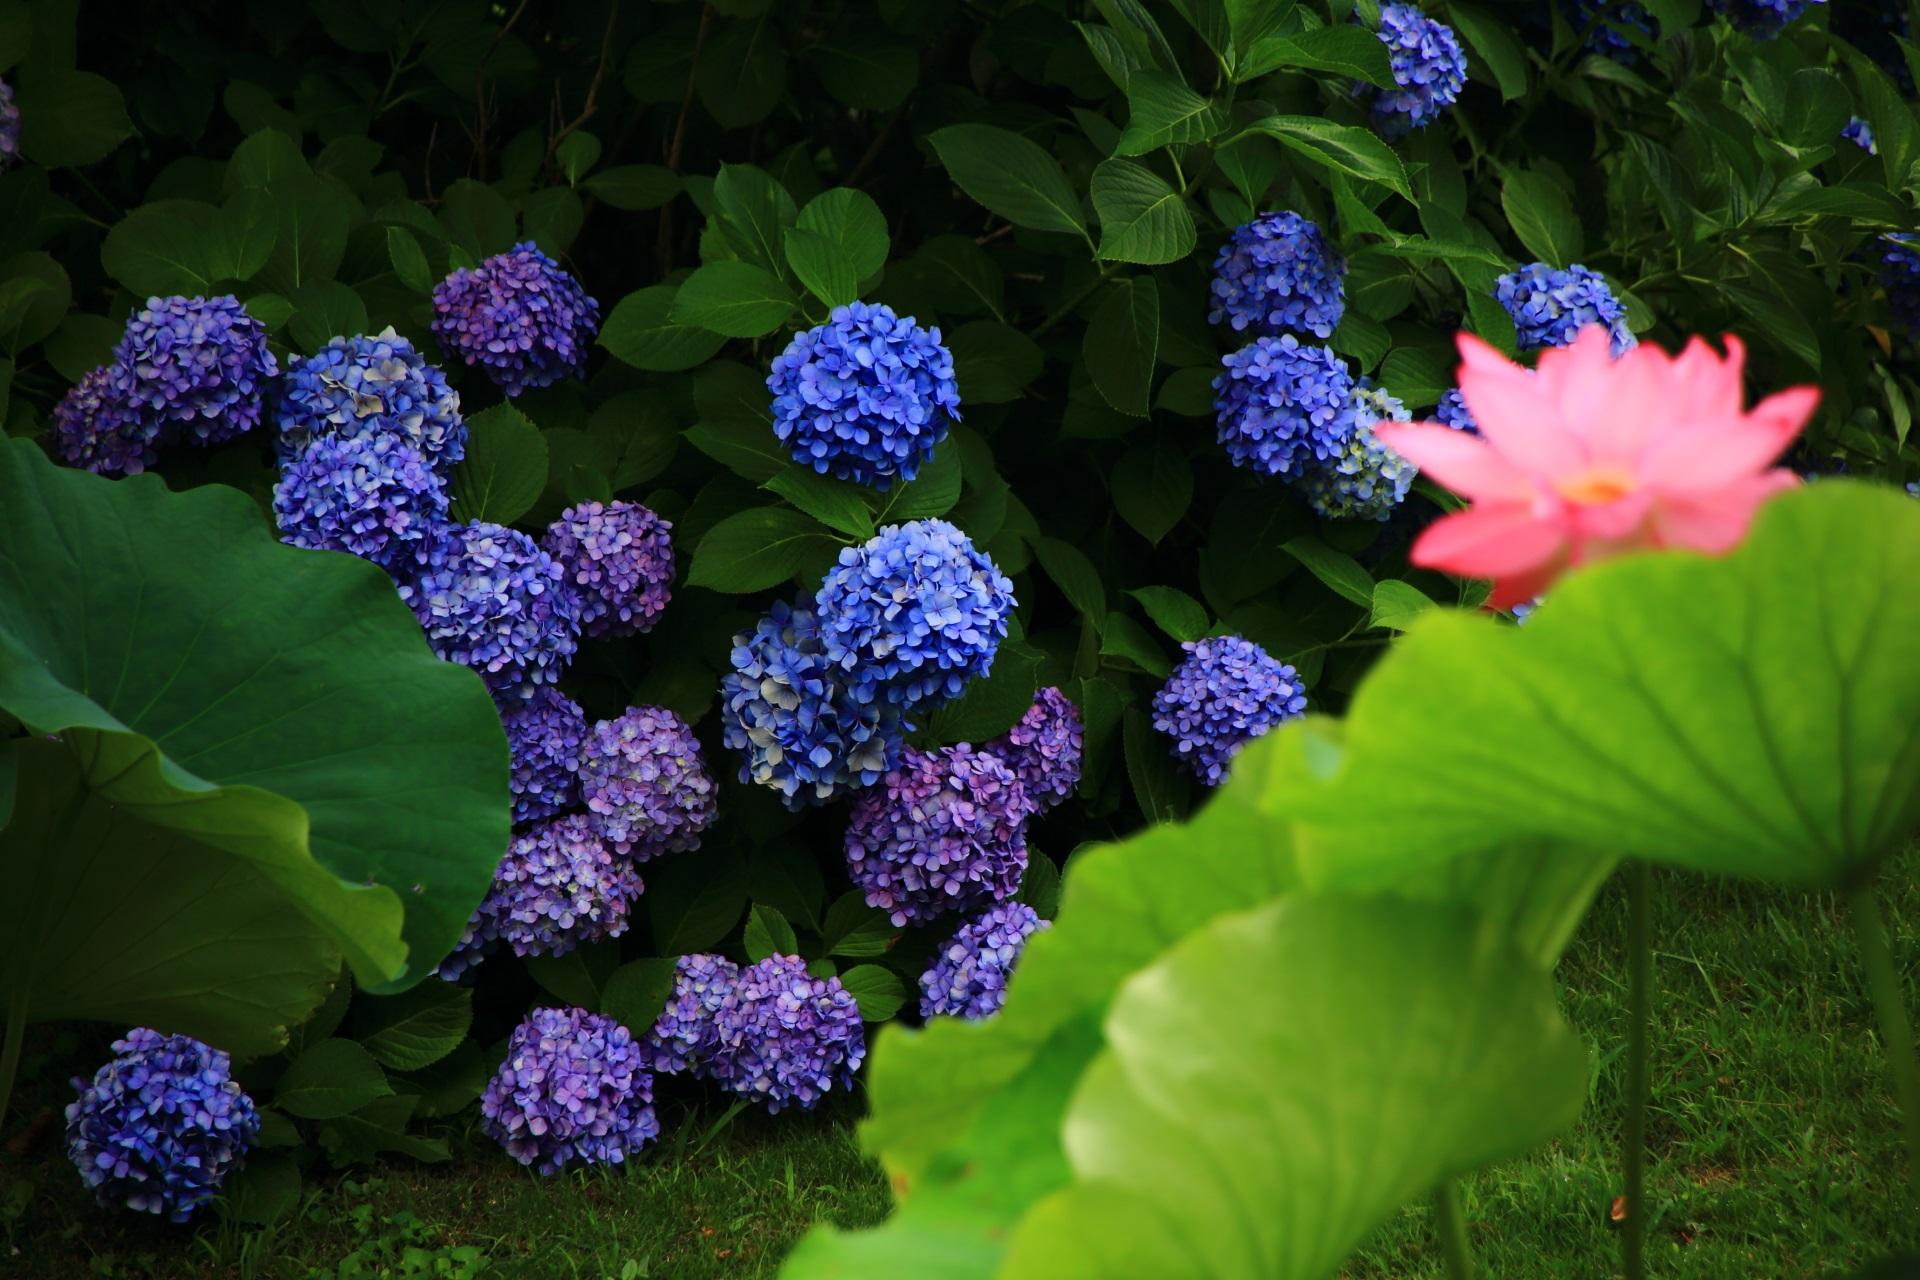 東寺の目を引くような艶やかな青色の綺麗な紫陽花と蓮